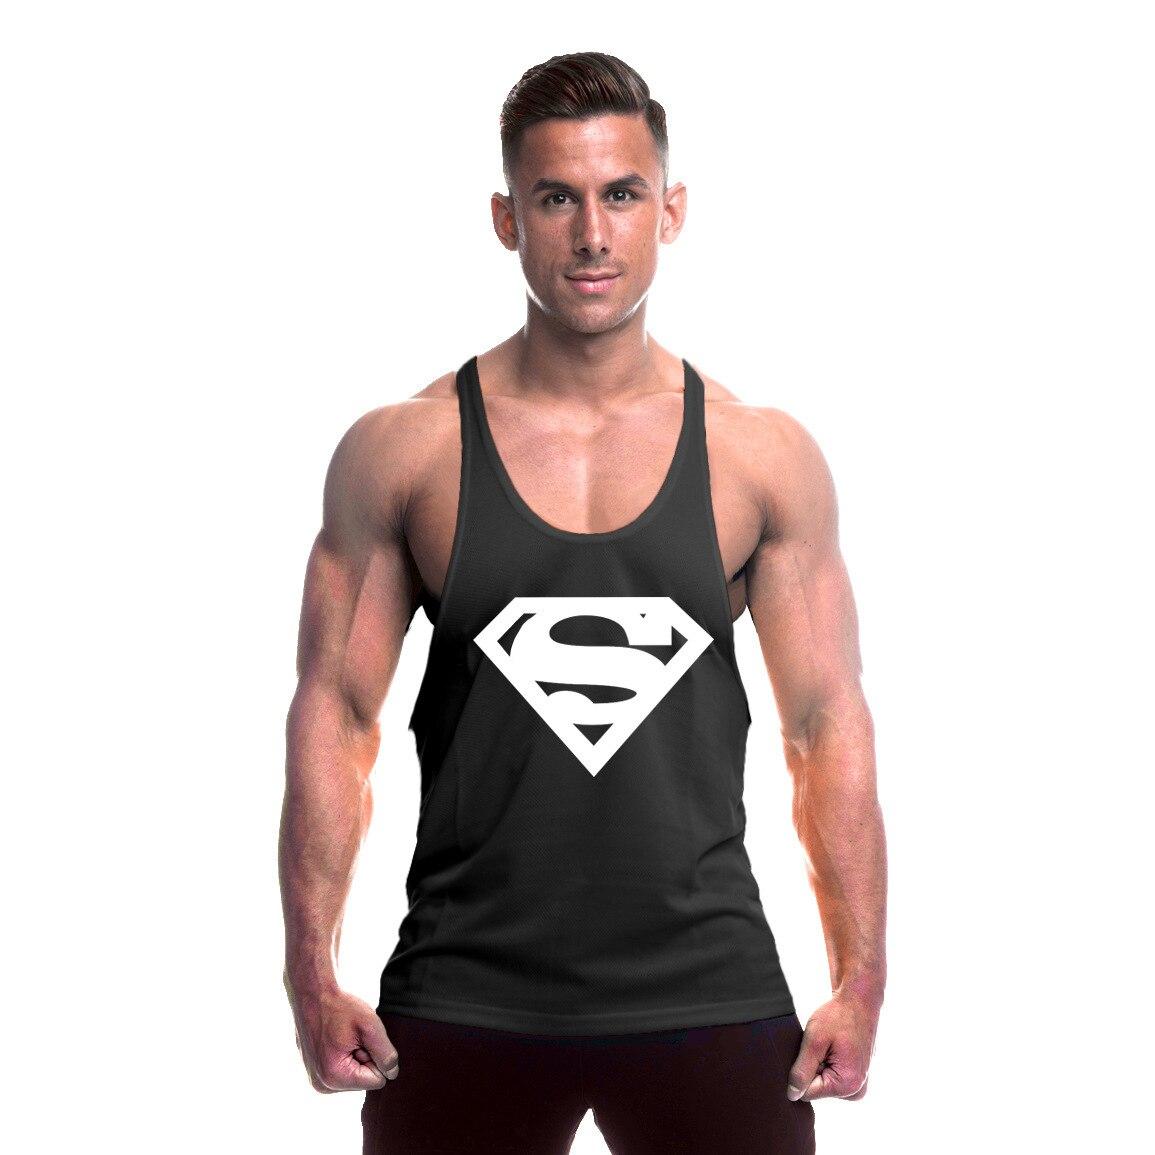 Männer Der Marke Die Hero Dünne Straps Herren Sport Tops Professional Weste Bodybuilding Fitness Golds Tank Tops Männer Unterhemd Tx97 Hochwertige Materialien